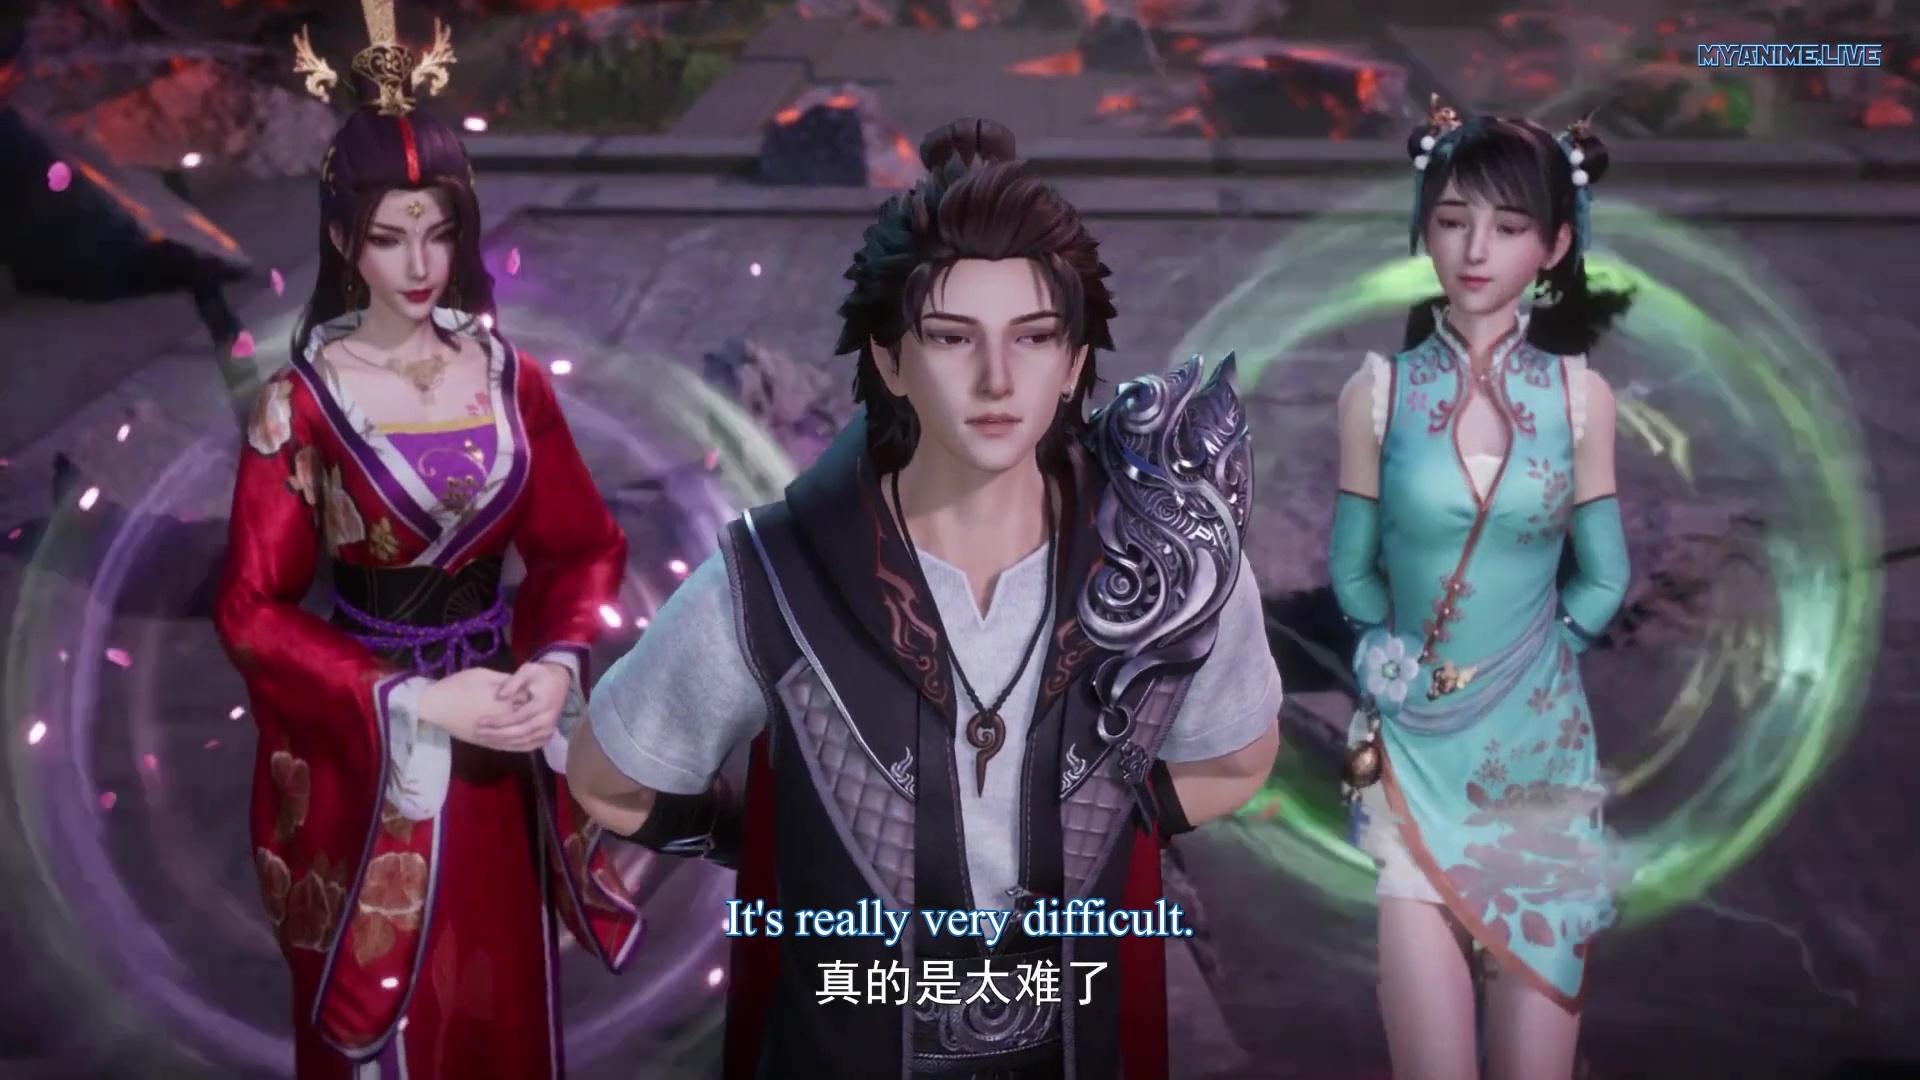 Wan Jie Shen Zhu - Lord of The Universe episode 160 english sub